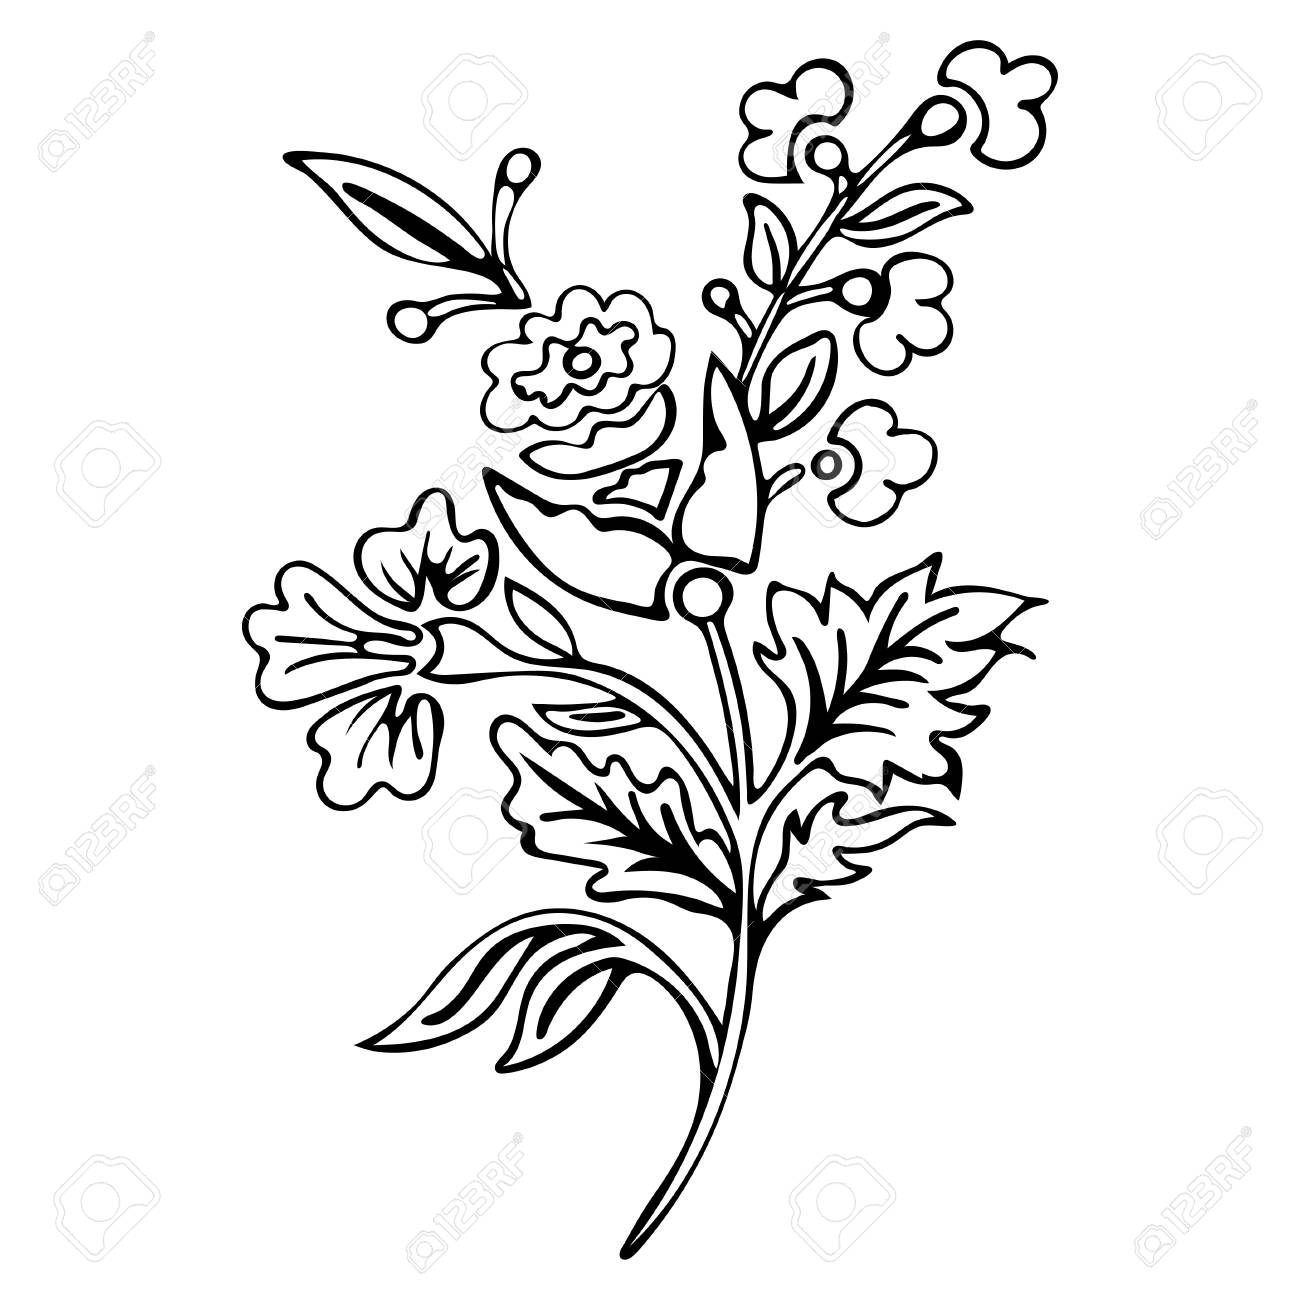 Ausmalbilder Blumen Blüten : Abstrakte Blume Fantasiebl Te Ausmalbilder Skizze Monochrom